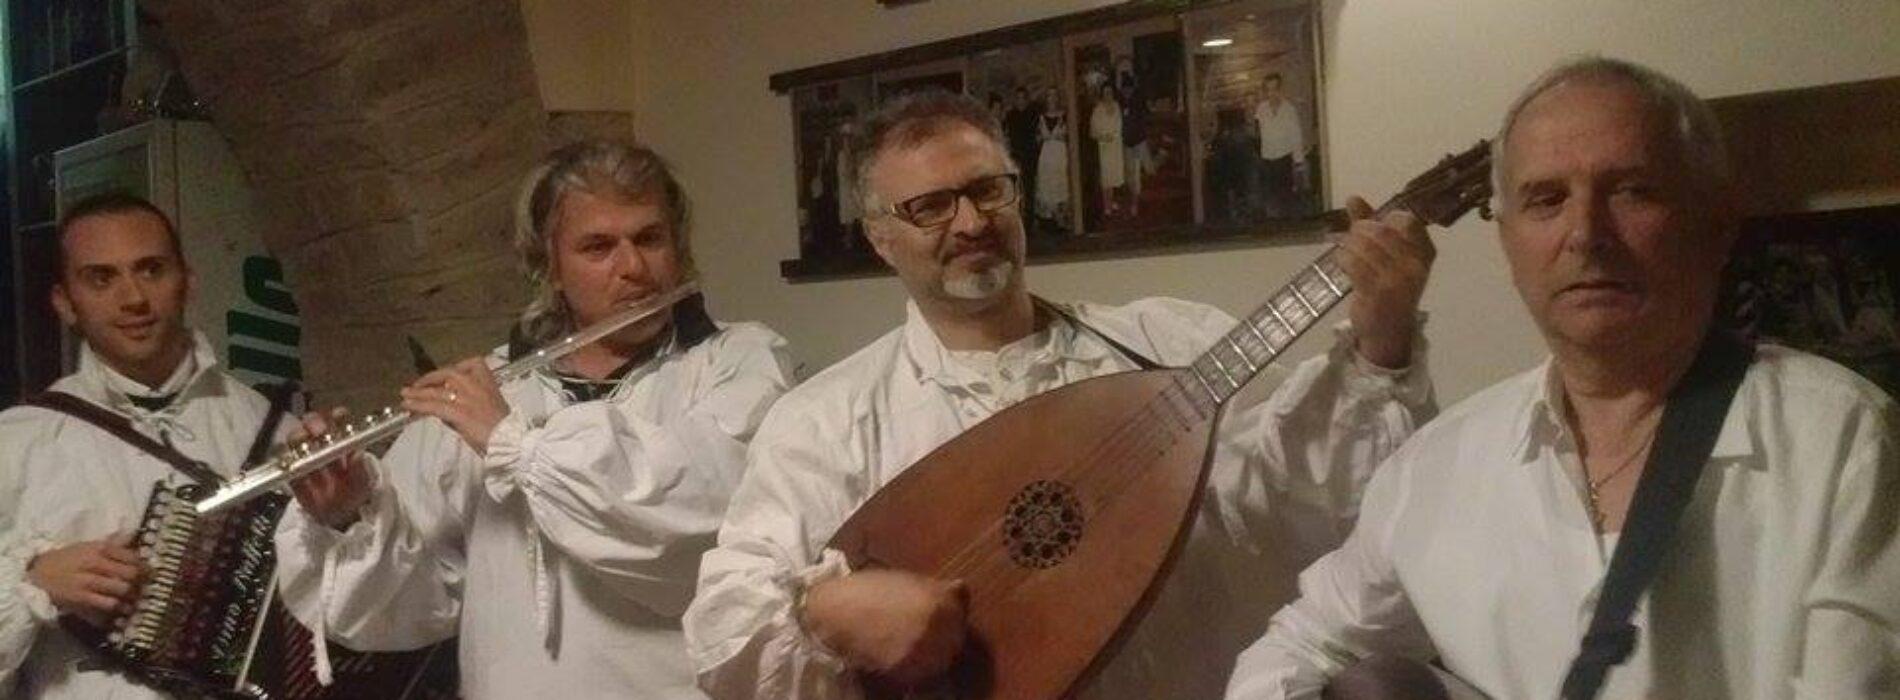 San Silvestro, una notte sul Monte Tifata con i canti augurali